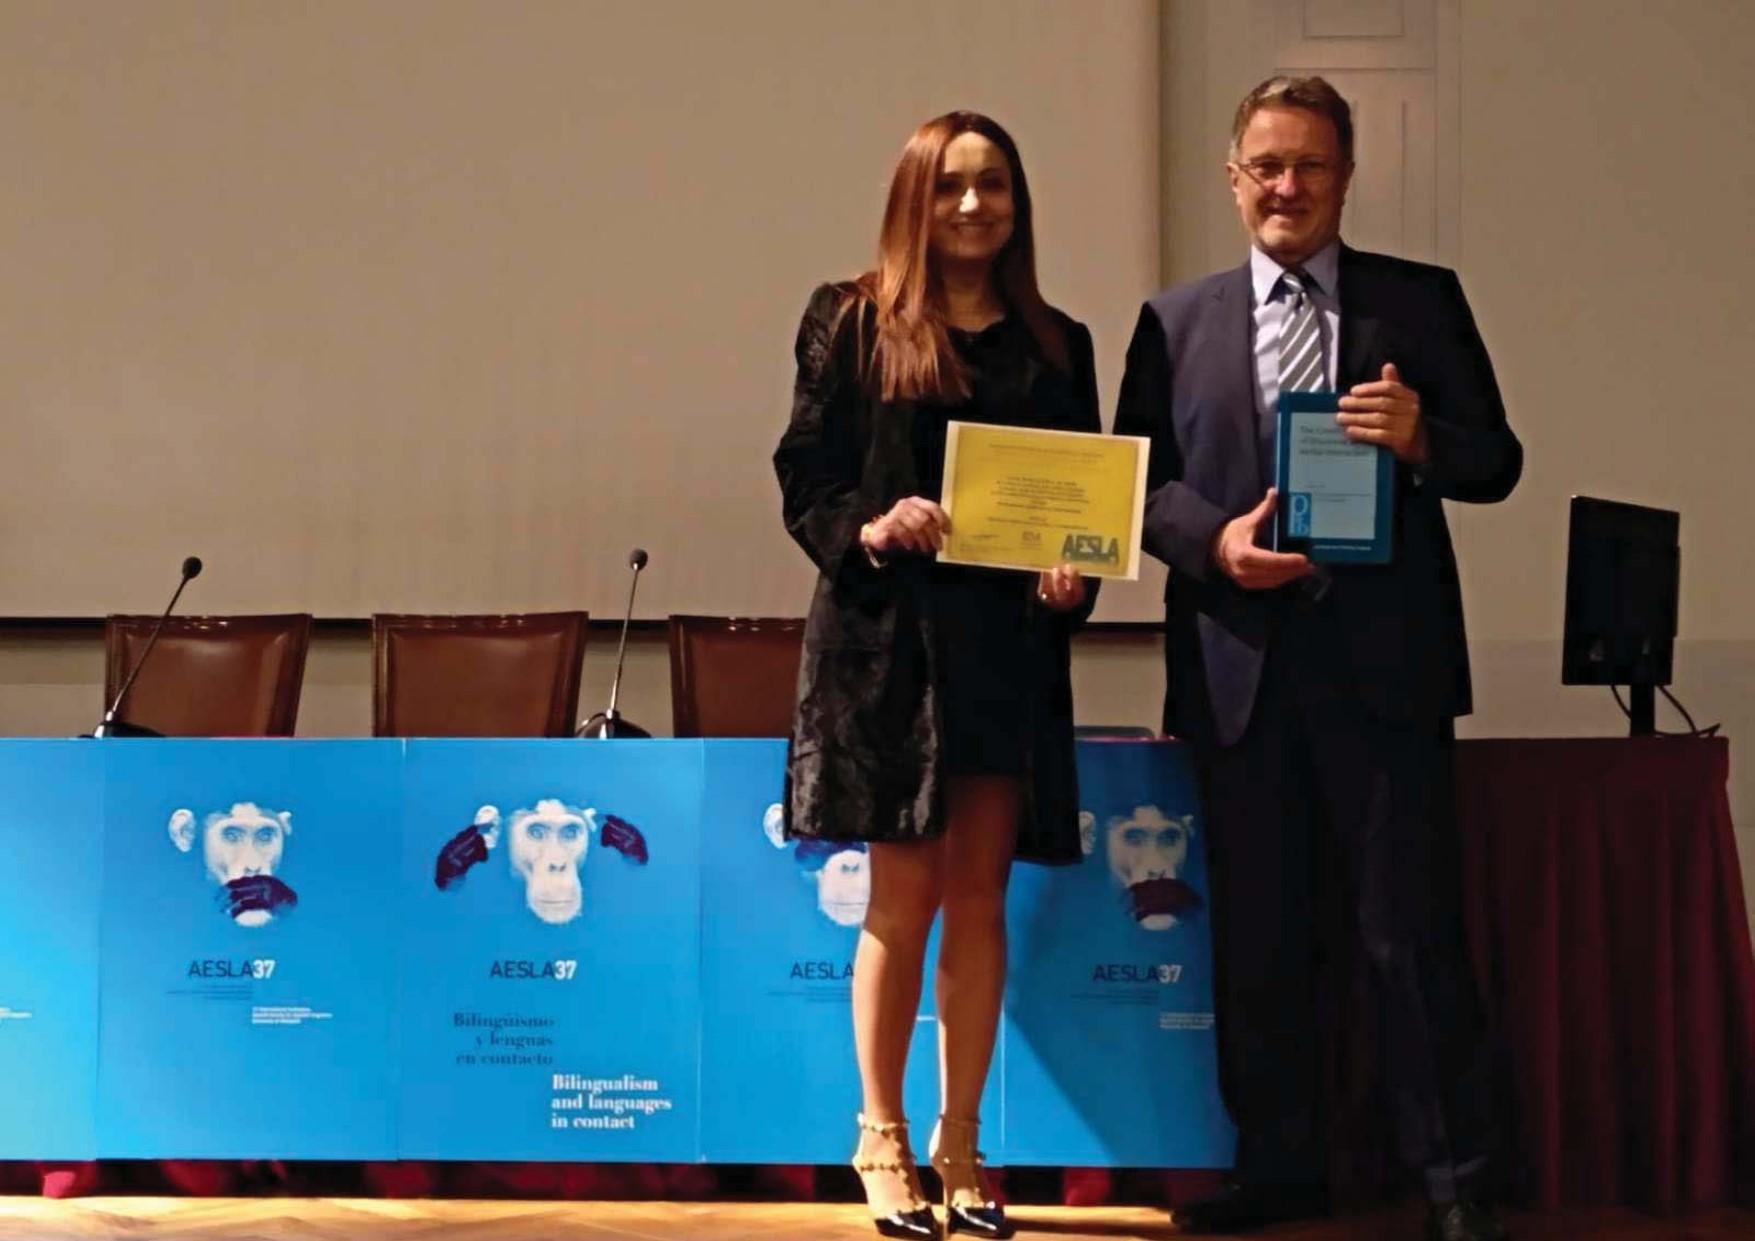 Premio_AESLA_2019_Fotos_page-0006